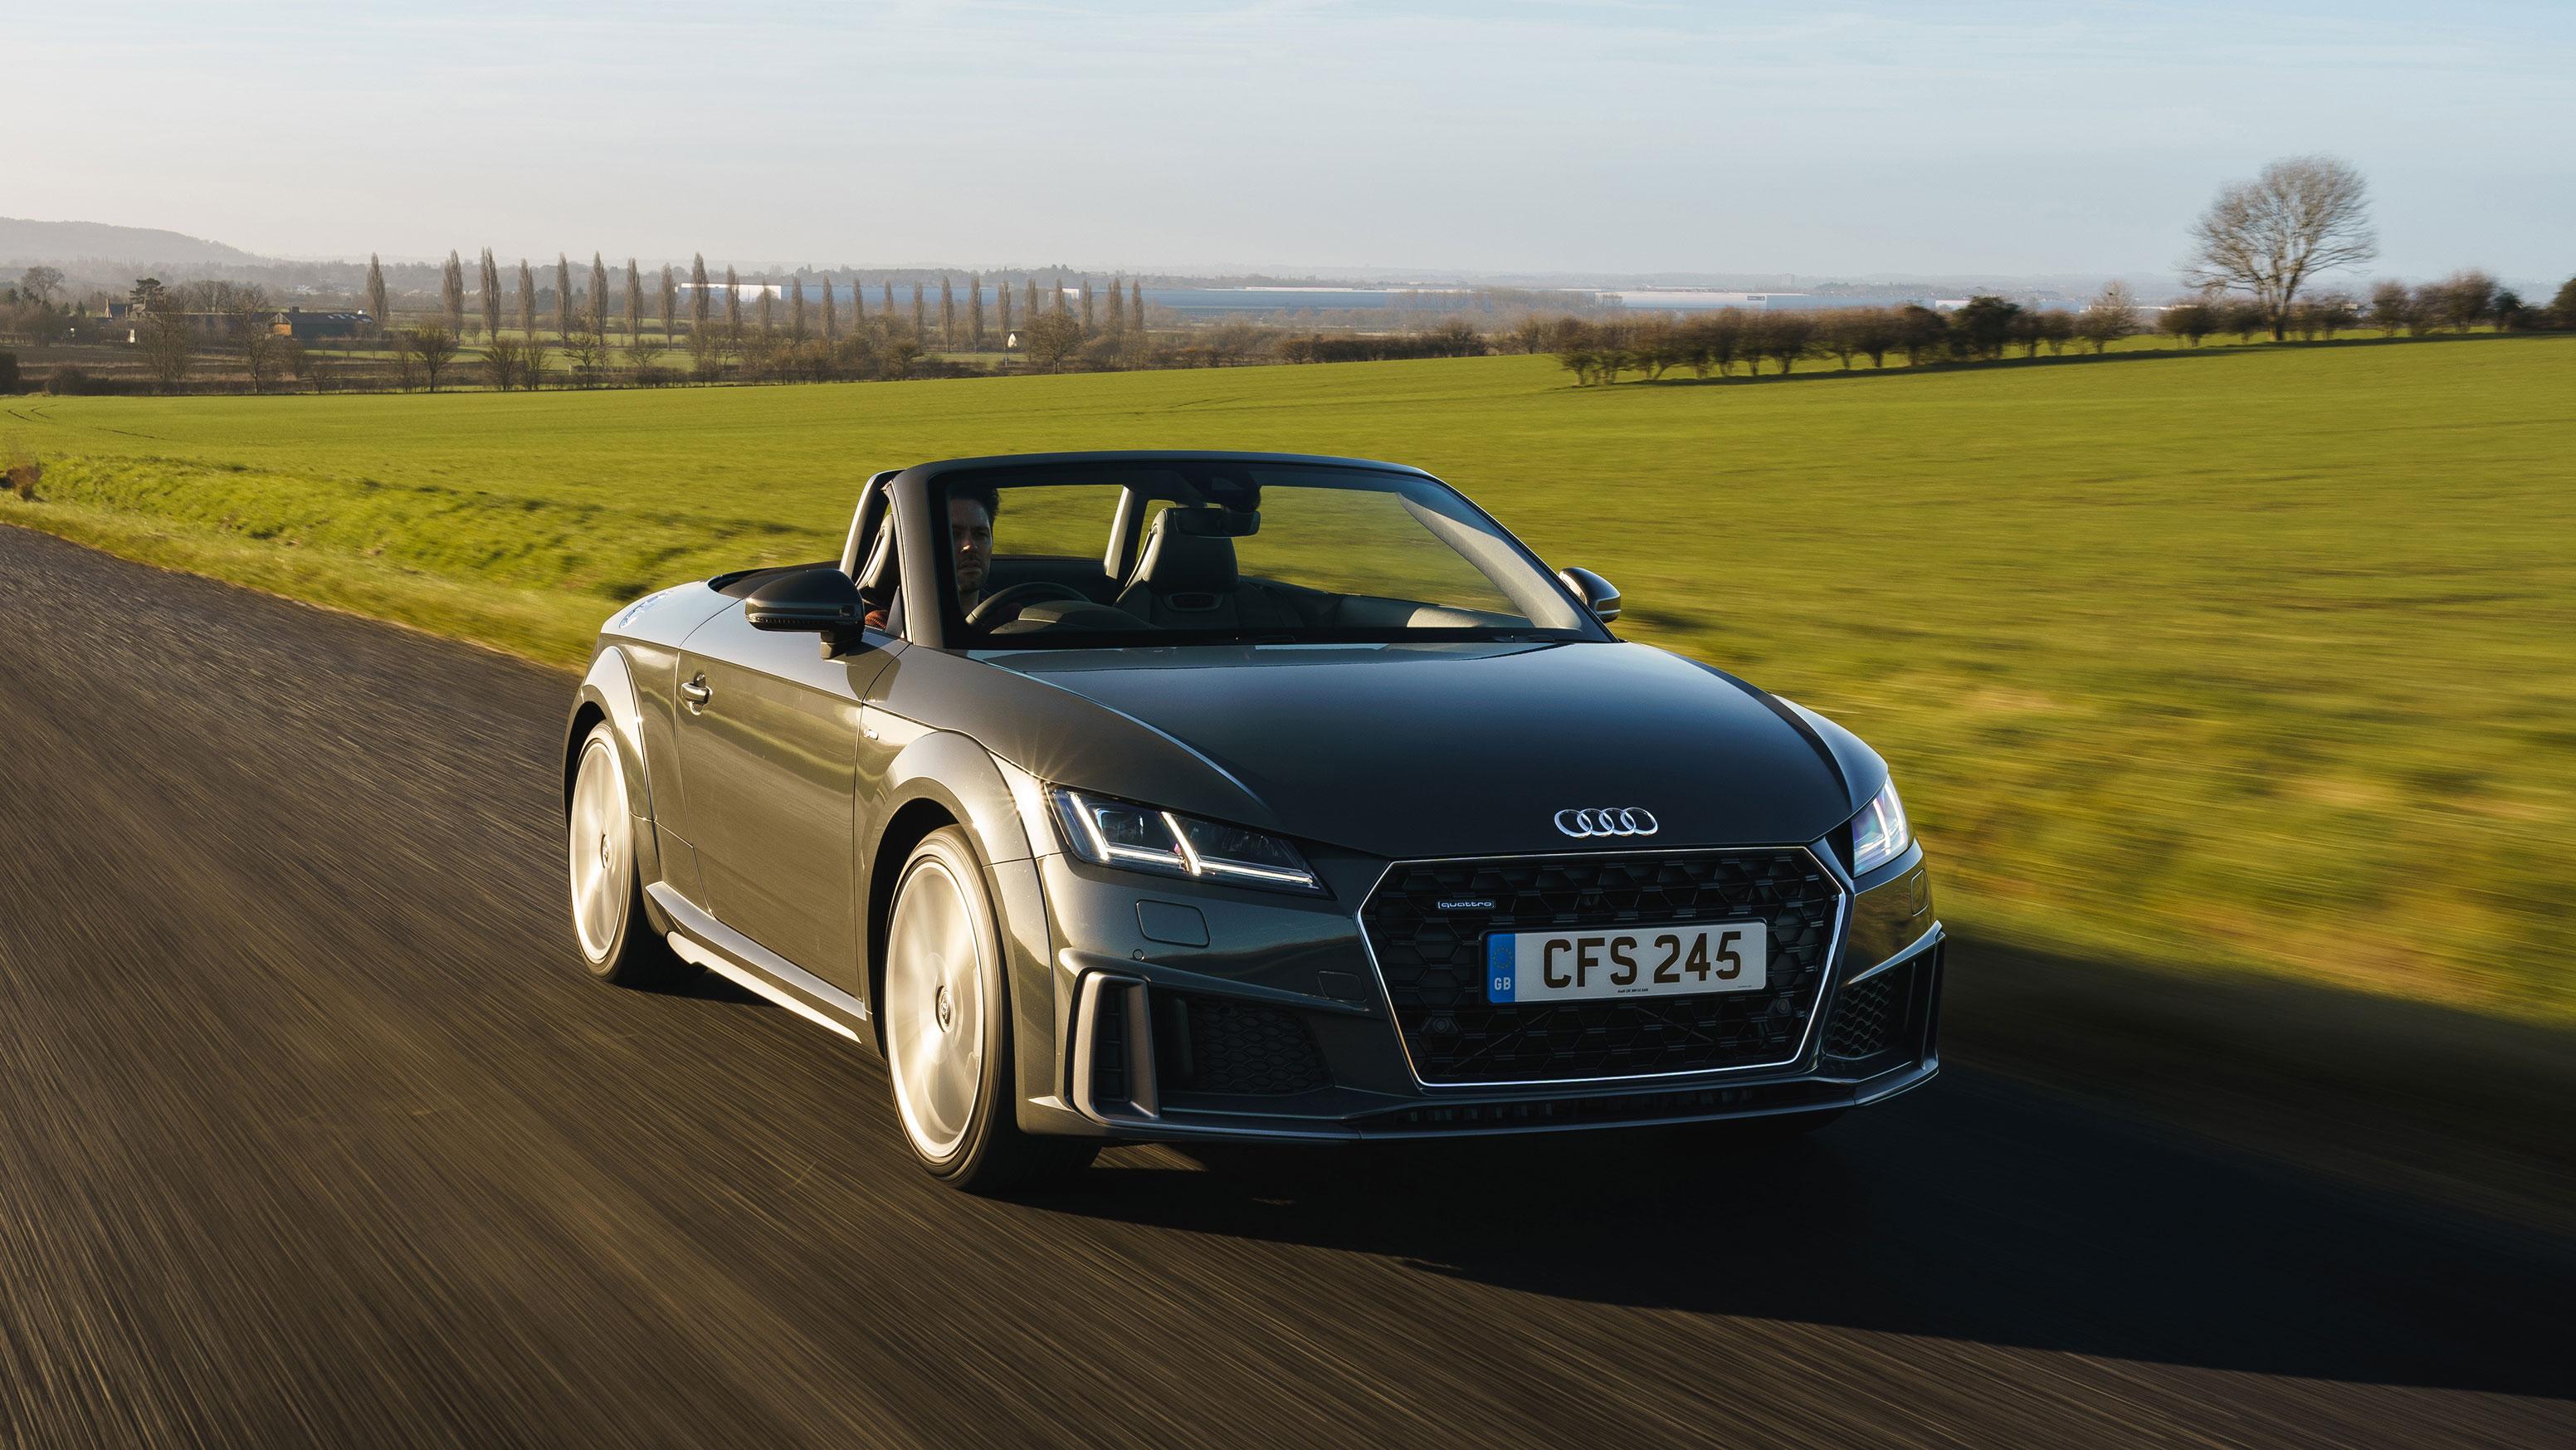 Kelebihan Kekurangan Audi Tt Roadster Spesifikasi